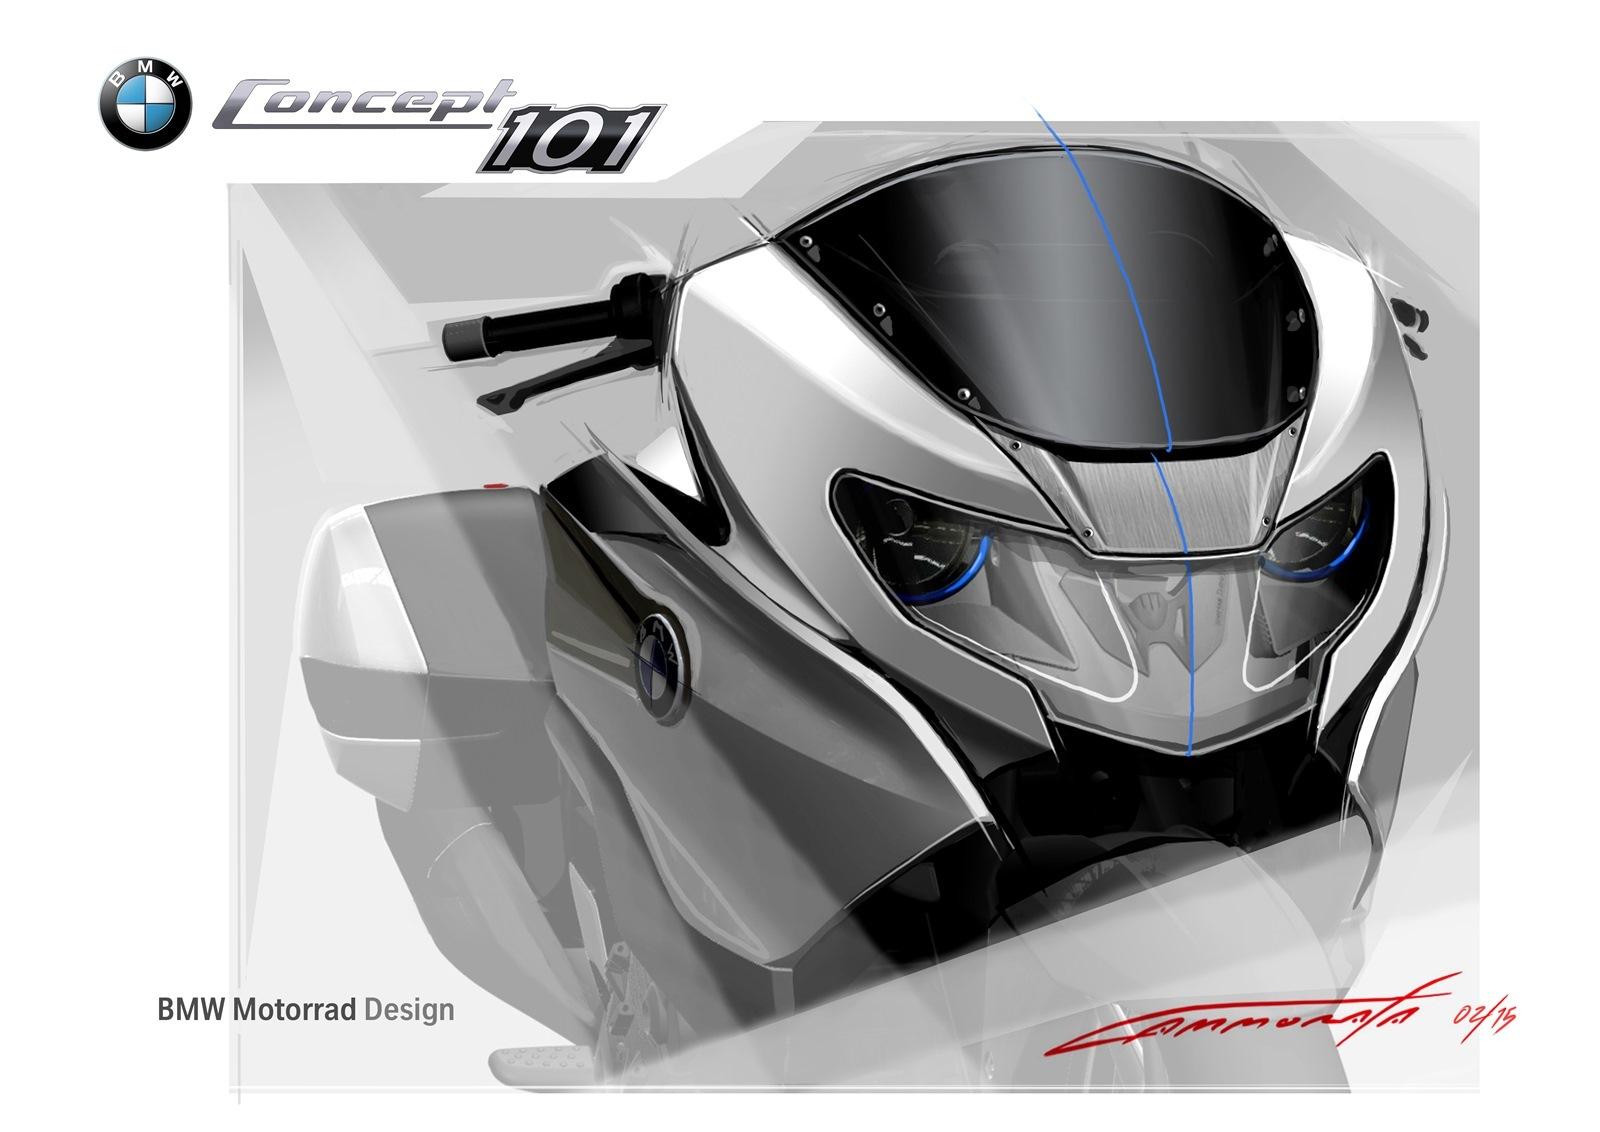 Foto de BMW Concept 101 Bagger (31/33)